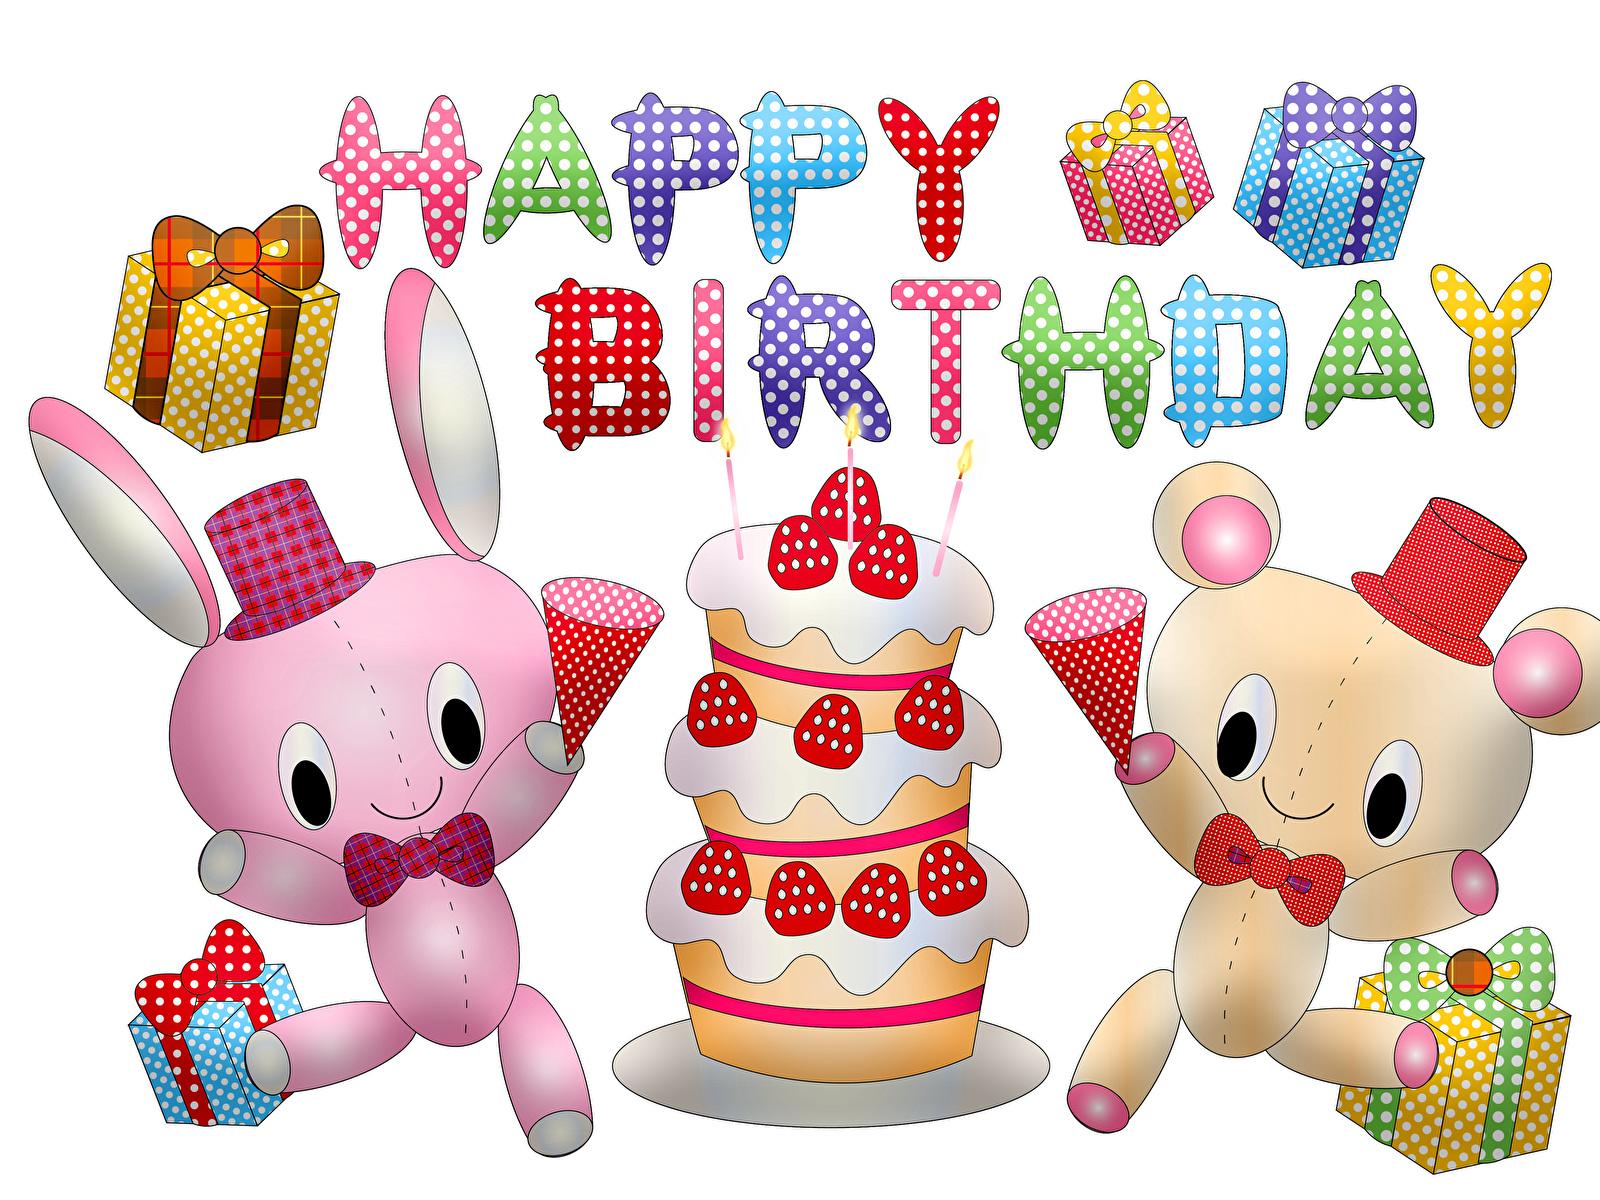 Bilder på skrivbordet Födelsedag Engelsk Tårta Låda Gåva Skrivet ord 1600x1200 engelska text textning